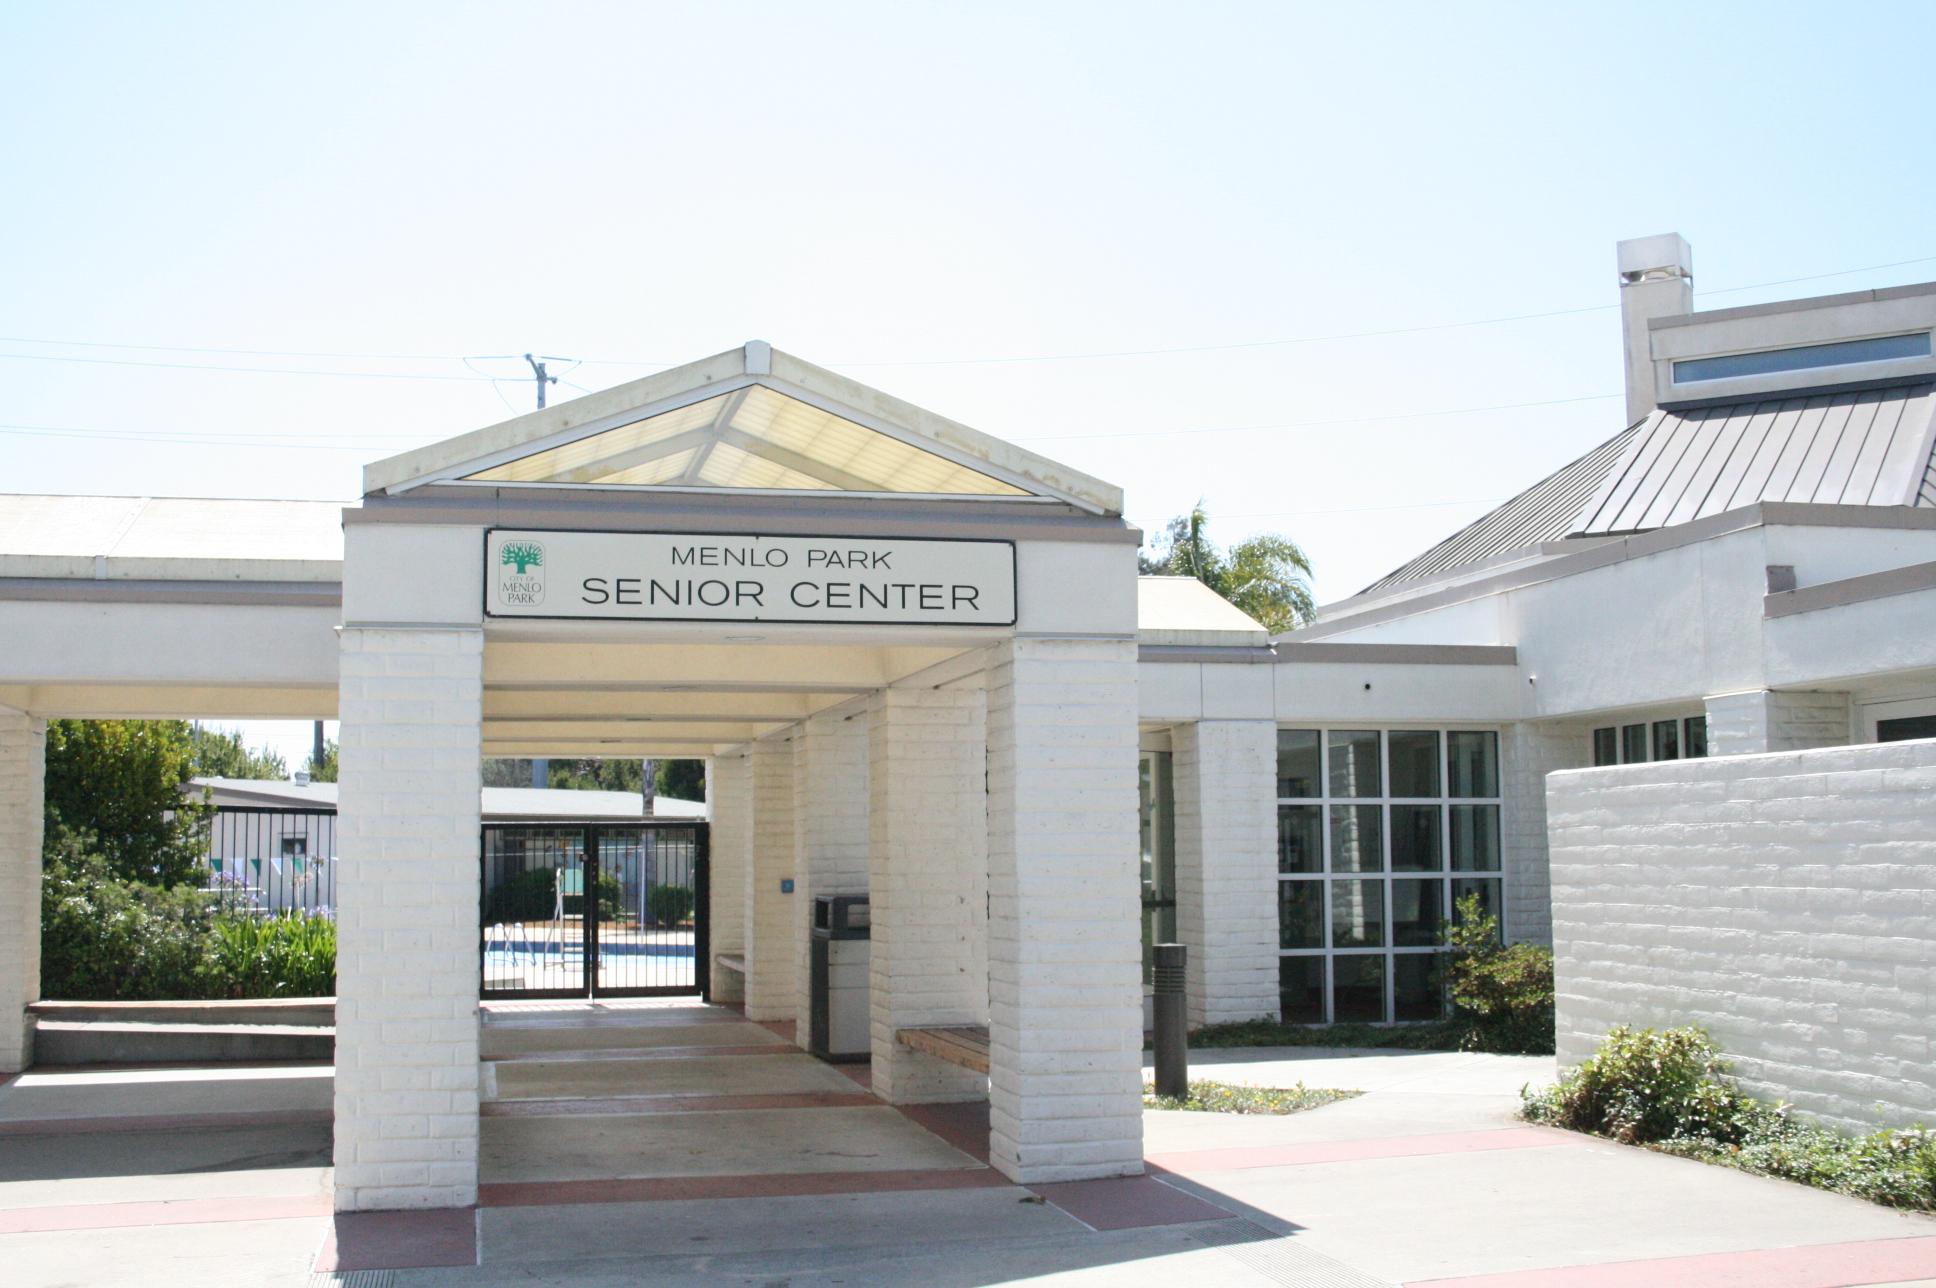 Image of Menlo Park Senior Center